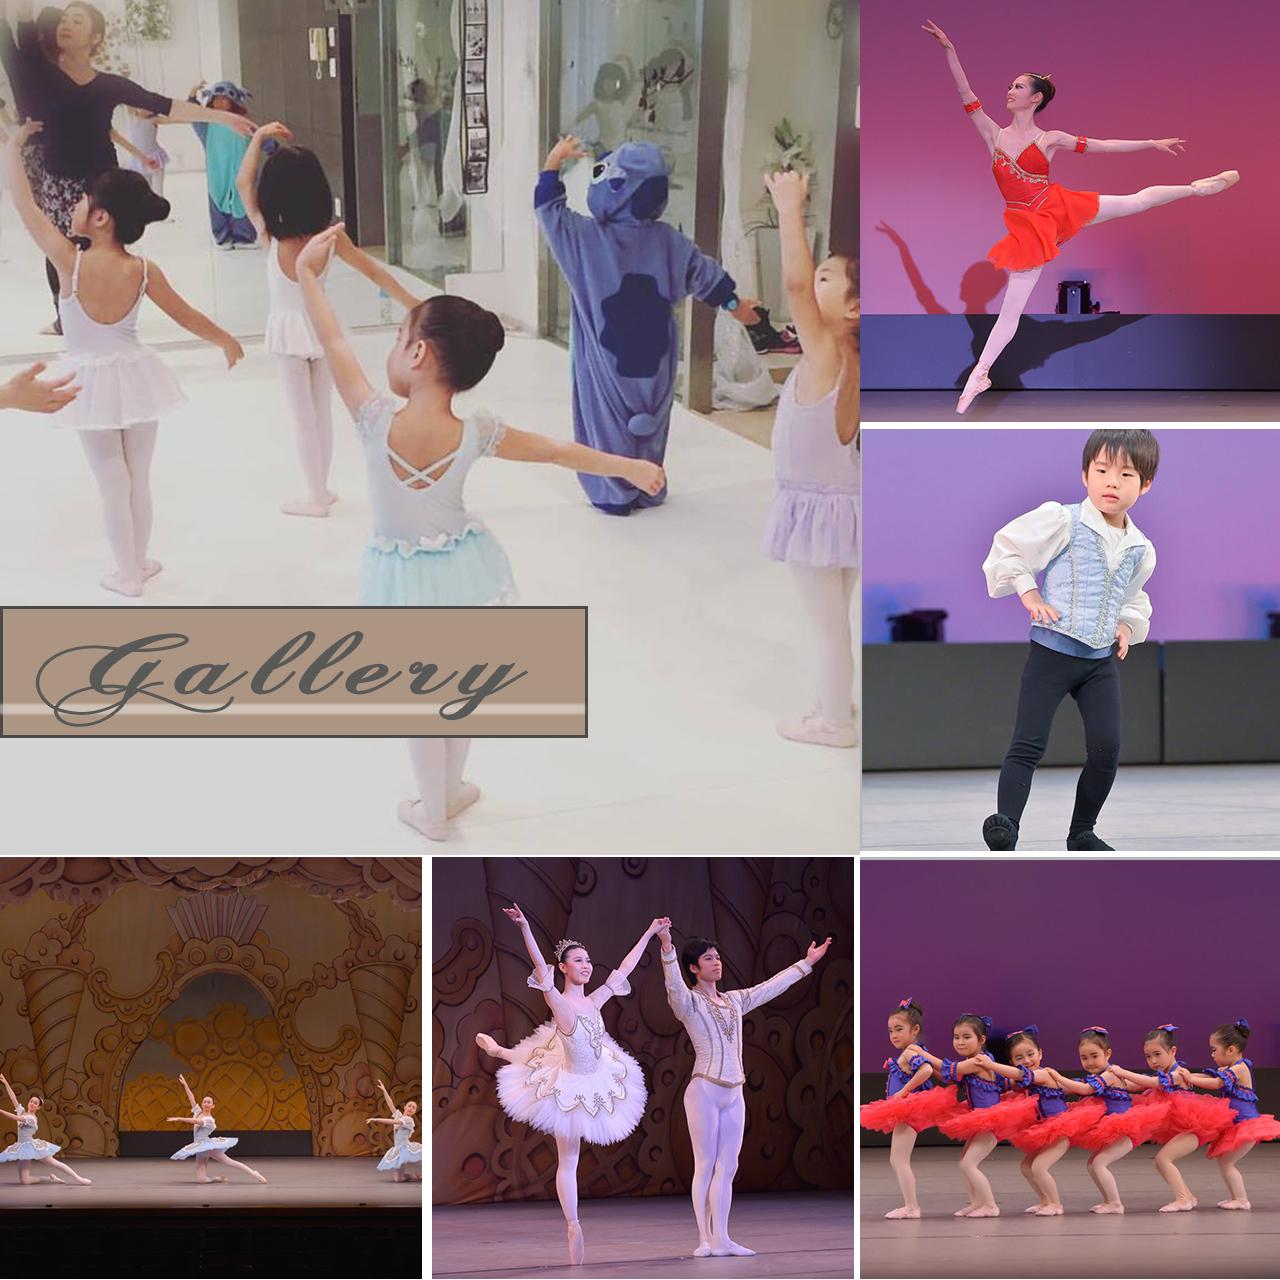 東川口・勝どき教室・月島 アコバレエスタジオ発表会のバレエ発表会やスタジオレッスンの様子をご覧いただけます。